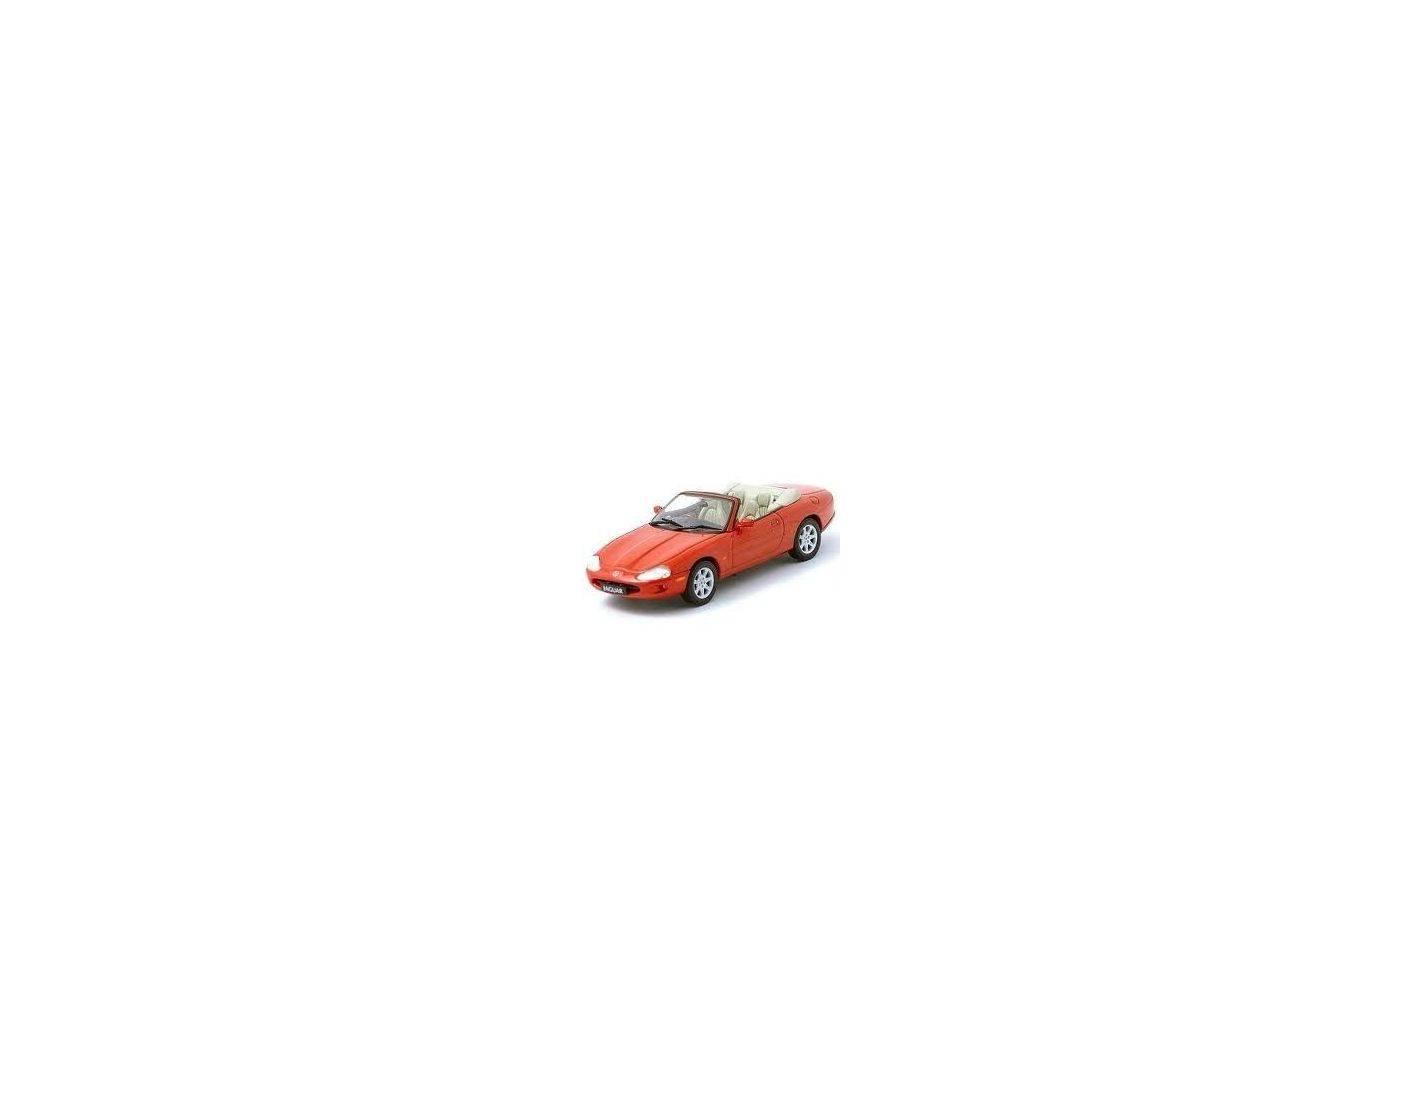 Auto Art / Gateway 53711 JAGUAR XK8 CABRIO RED 1/43 Modellino